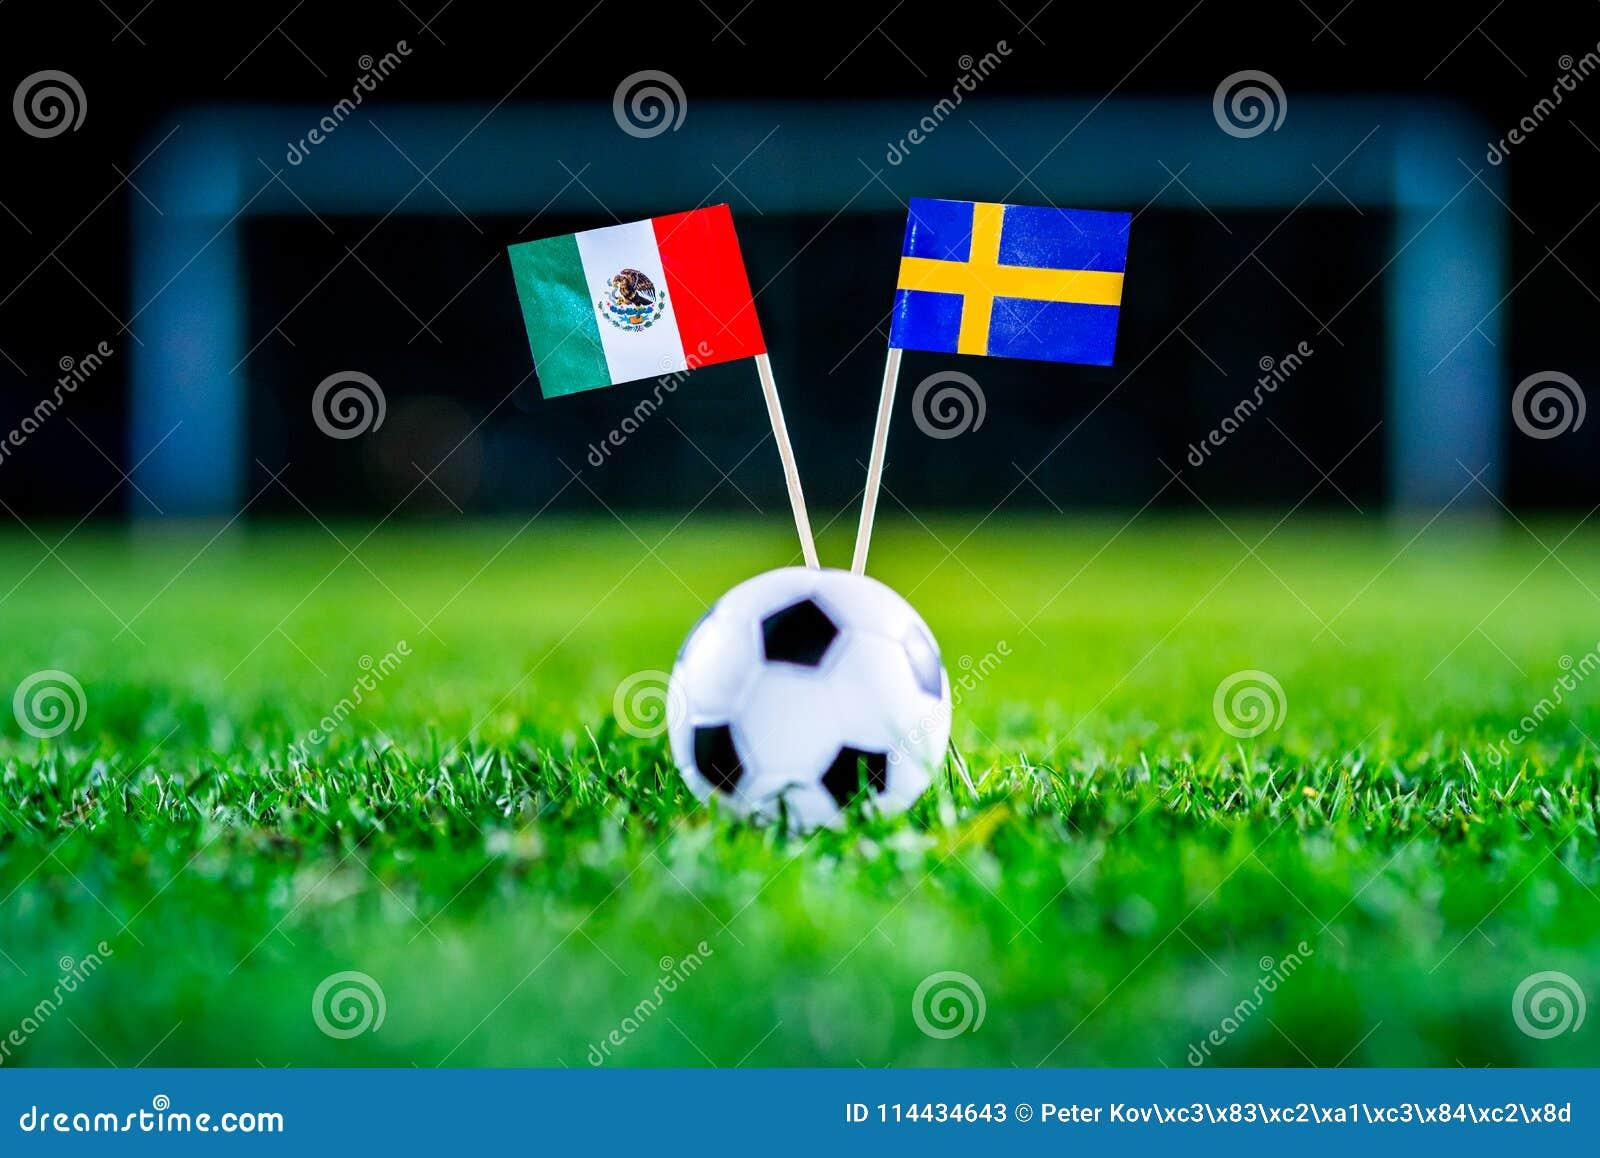 México - Suecia, grupo F, miércoles, 27 Junio, fútbol, mundo C